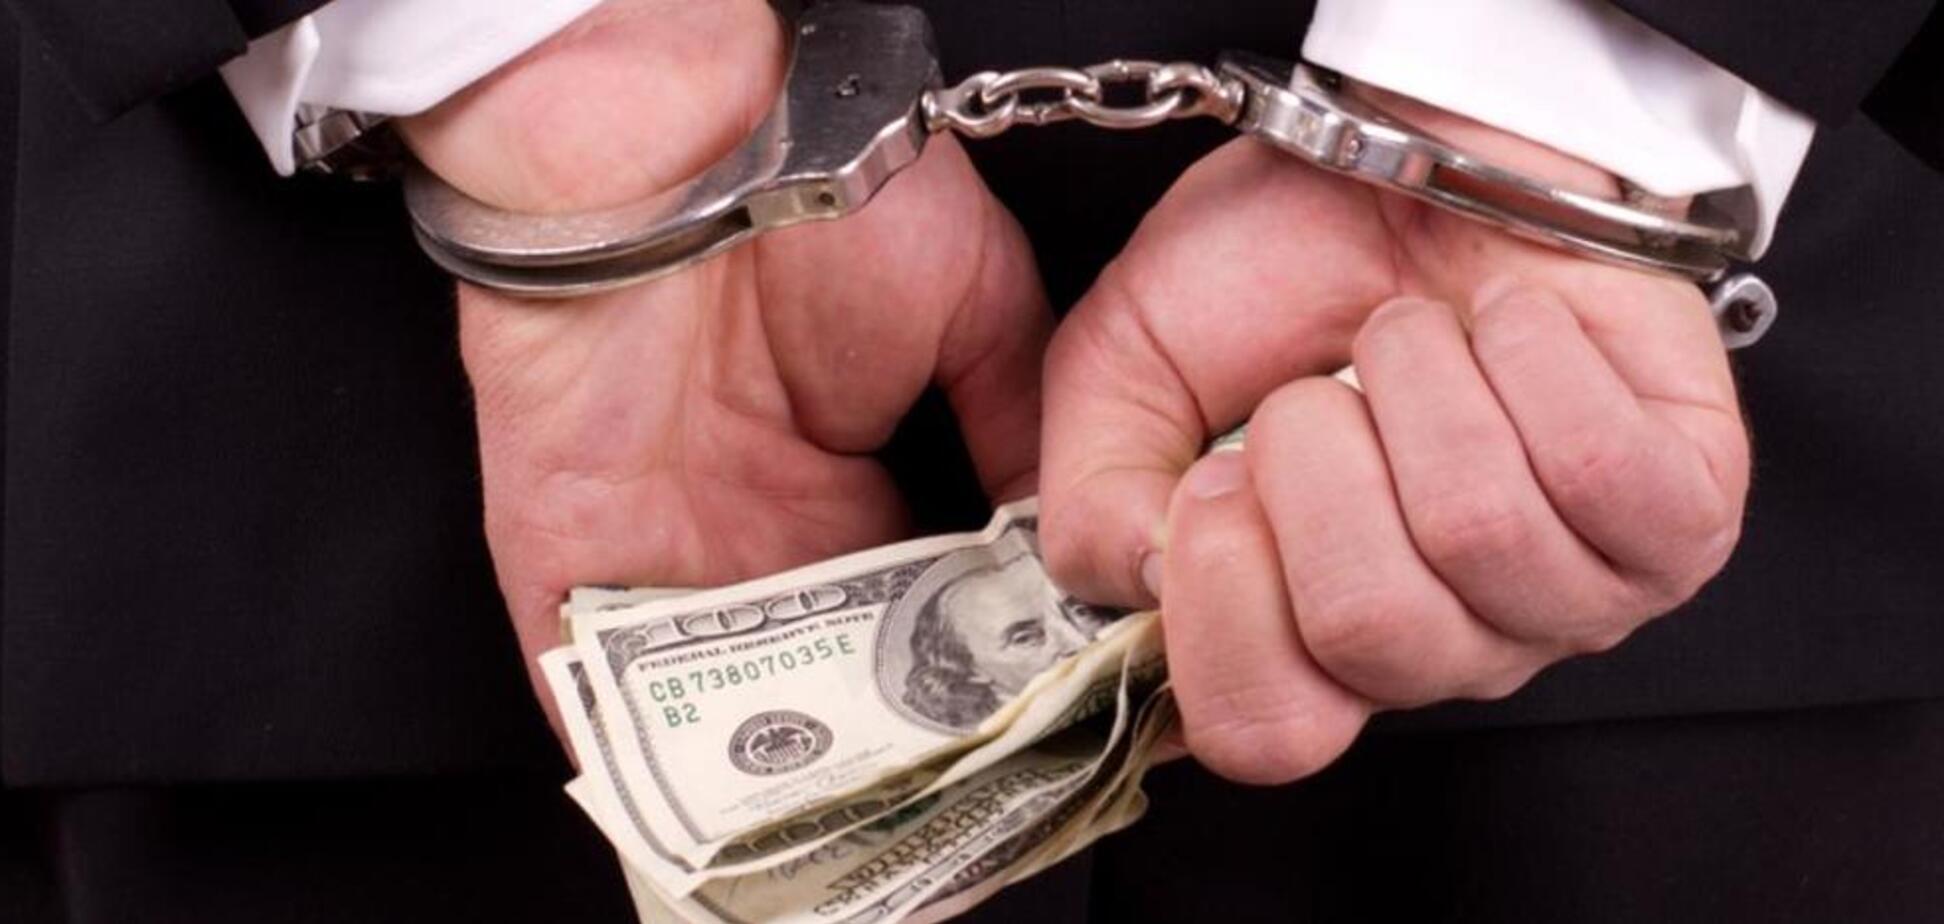 Вимагав $150 тис: хабарника-''рішалу'' із ДАБІ спіймали на гарячому